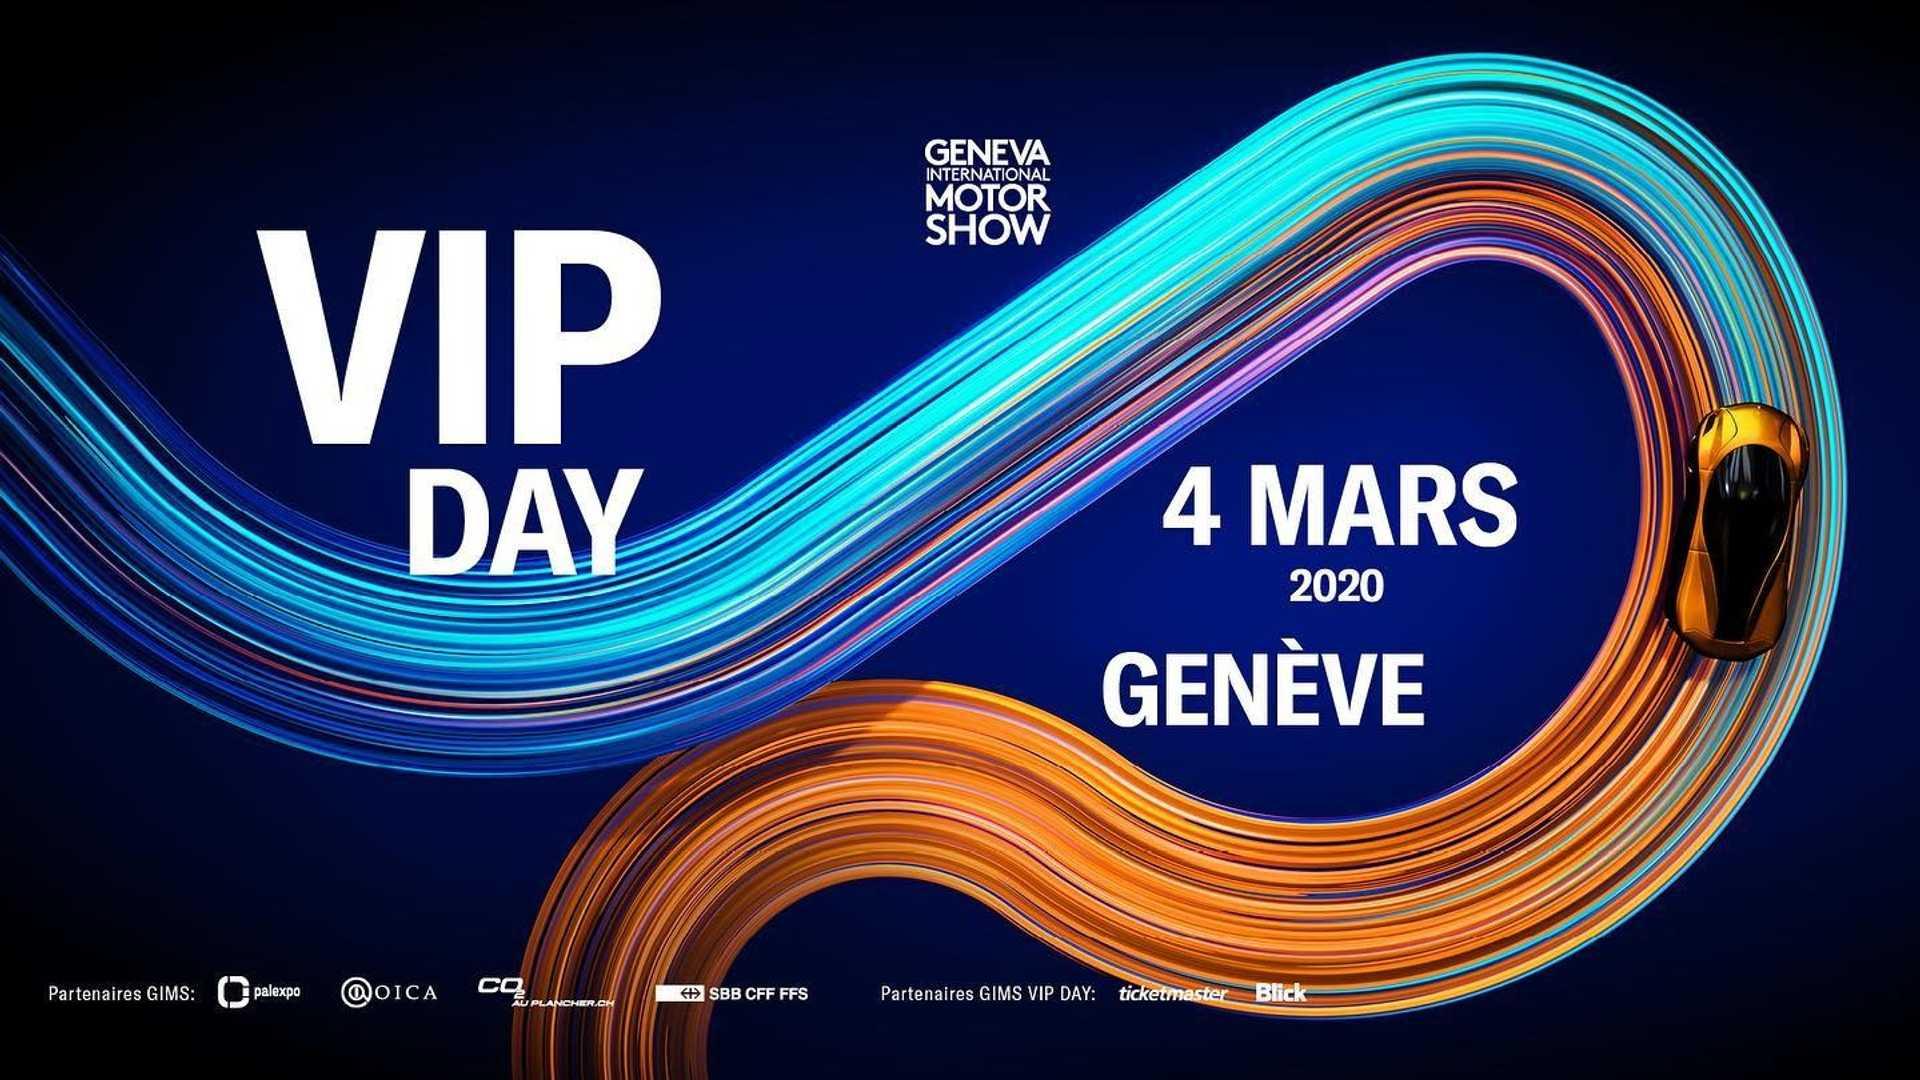 Salone di Ginevra 2020 VIP Day